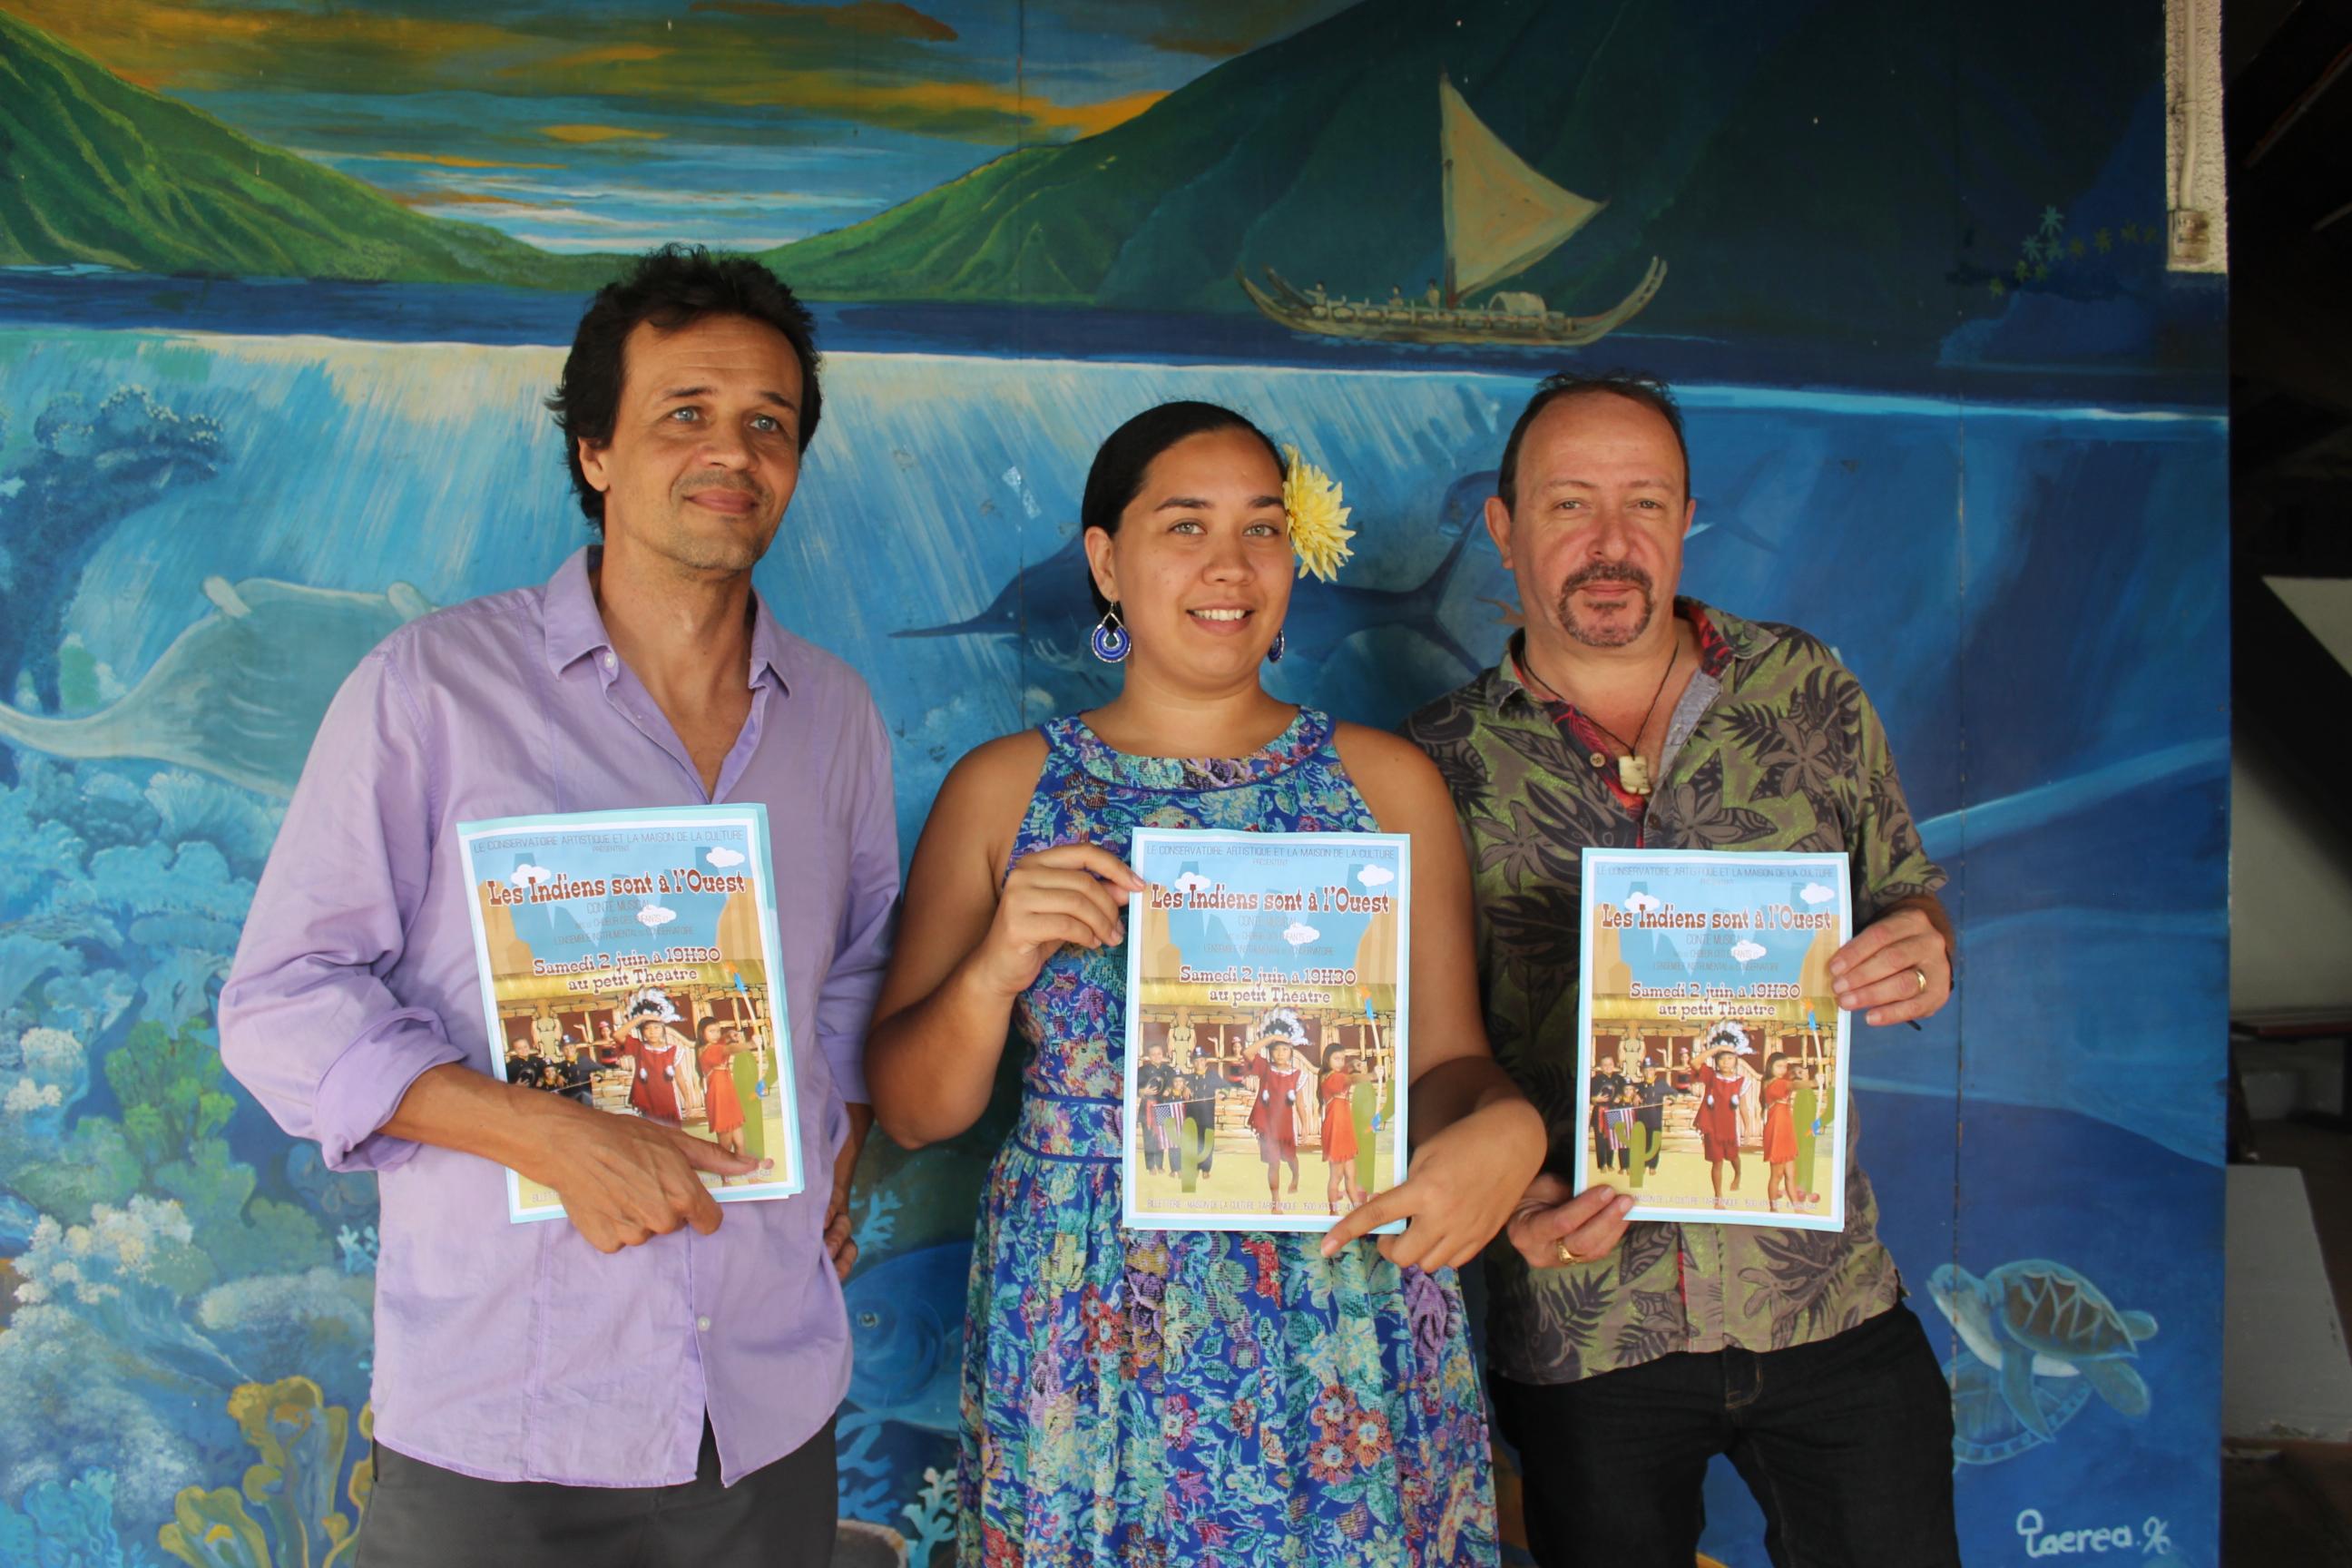 """Stéphane Lecoutre, Vanessa Cunéo et Frédéric Cibard présentent : """"Les indiens sont à l'ouest"""", le nouveau spectacle du chœur du Conservatoire."""